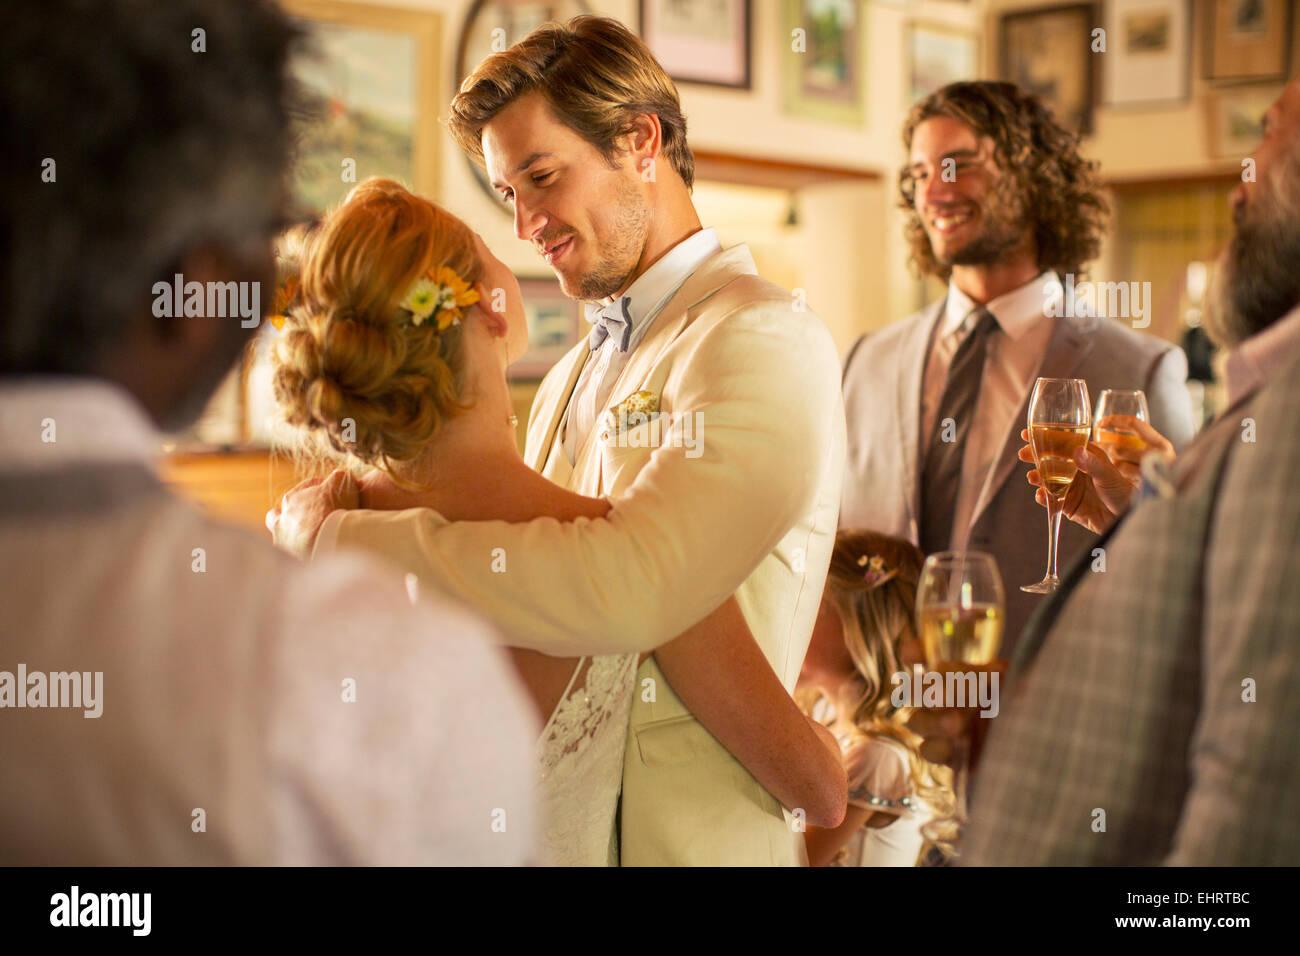 Bräutigam umarmen Braut während der Hochzeitsfeier im Wohnraum Stockbild